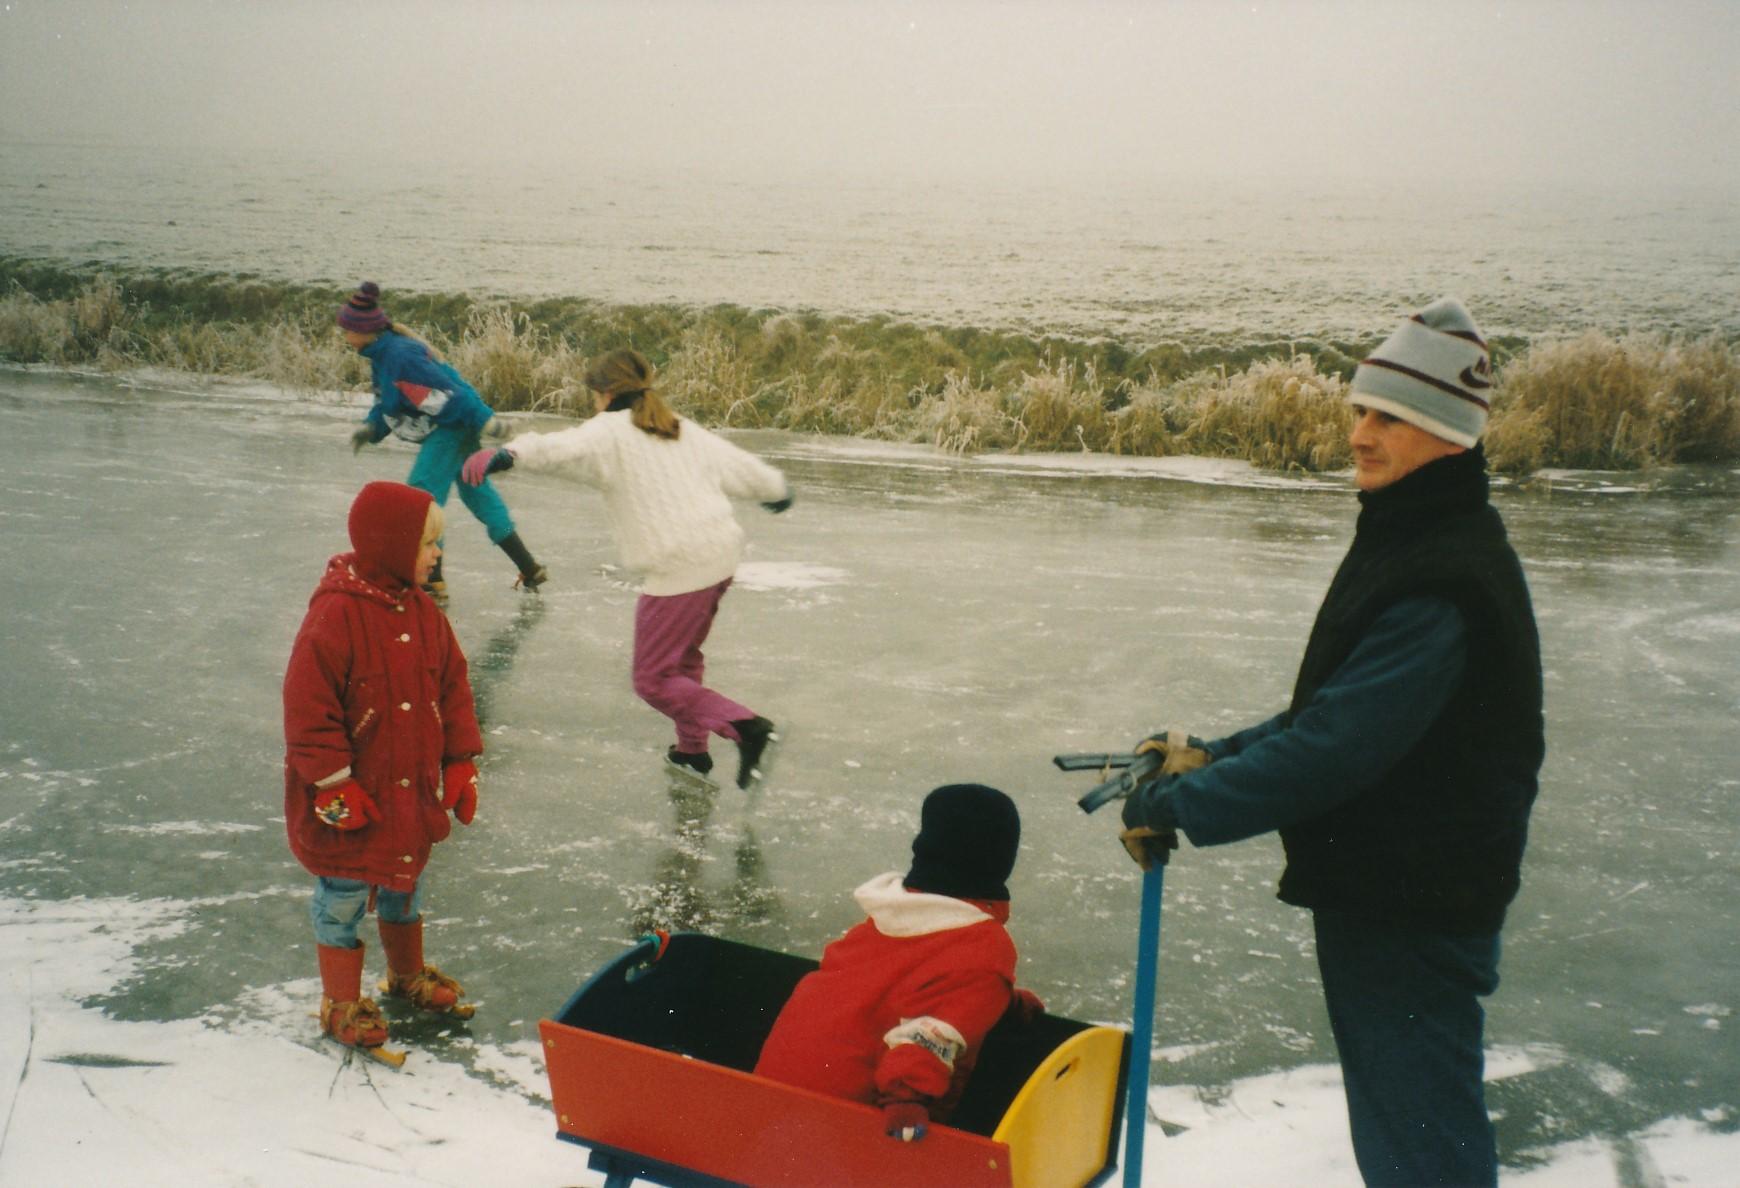 Fotoalbum Anneke Miedema, 115, Reedriden op de Easterwierrumer Ald Feart, februari 1996, u.o. Baukje Boersma, Cor Miedema, Sape yn de bolderkar, Jitske op houtsjes, Imkje Hettinga